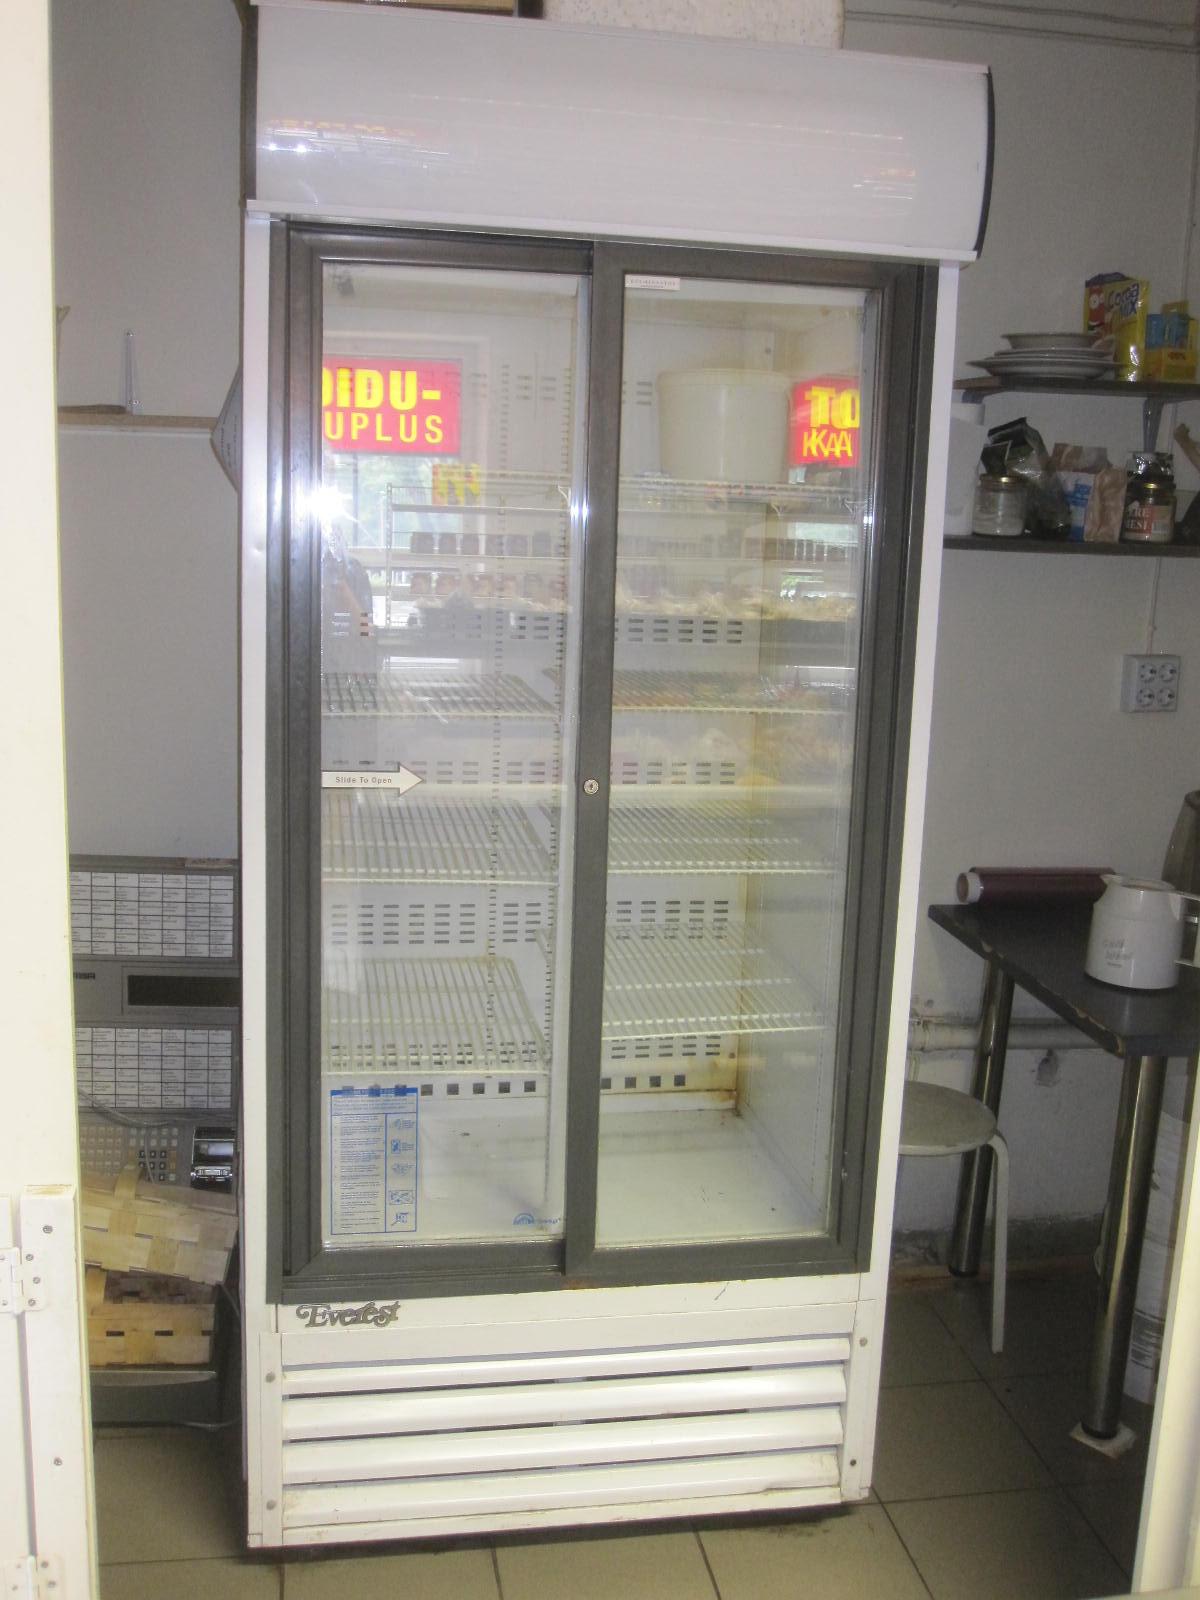 8a099b9d4ac Klaasuksega külmik - Kreutz OÜ - Külmseadmed ja suurköögiseadmed